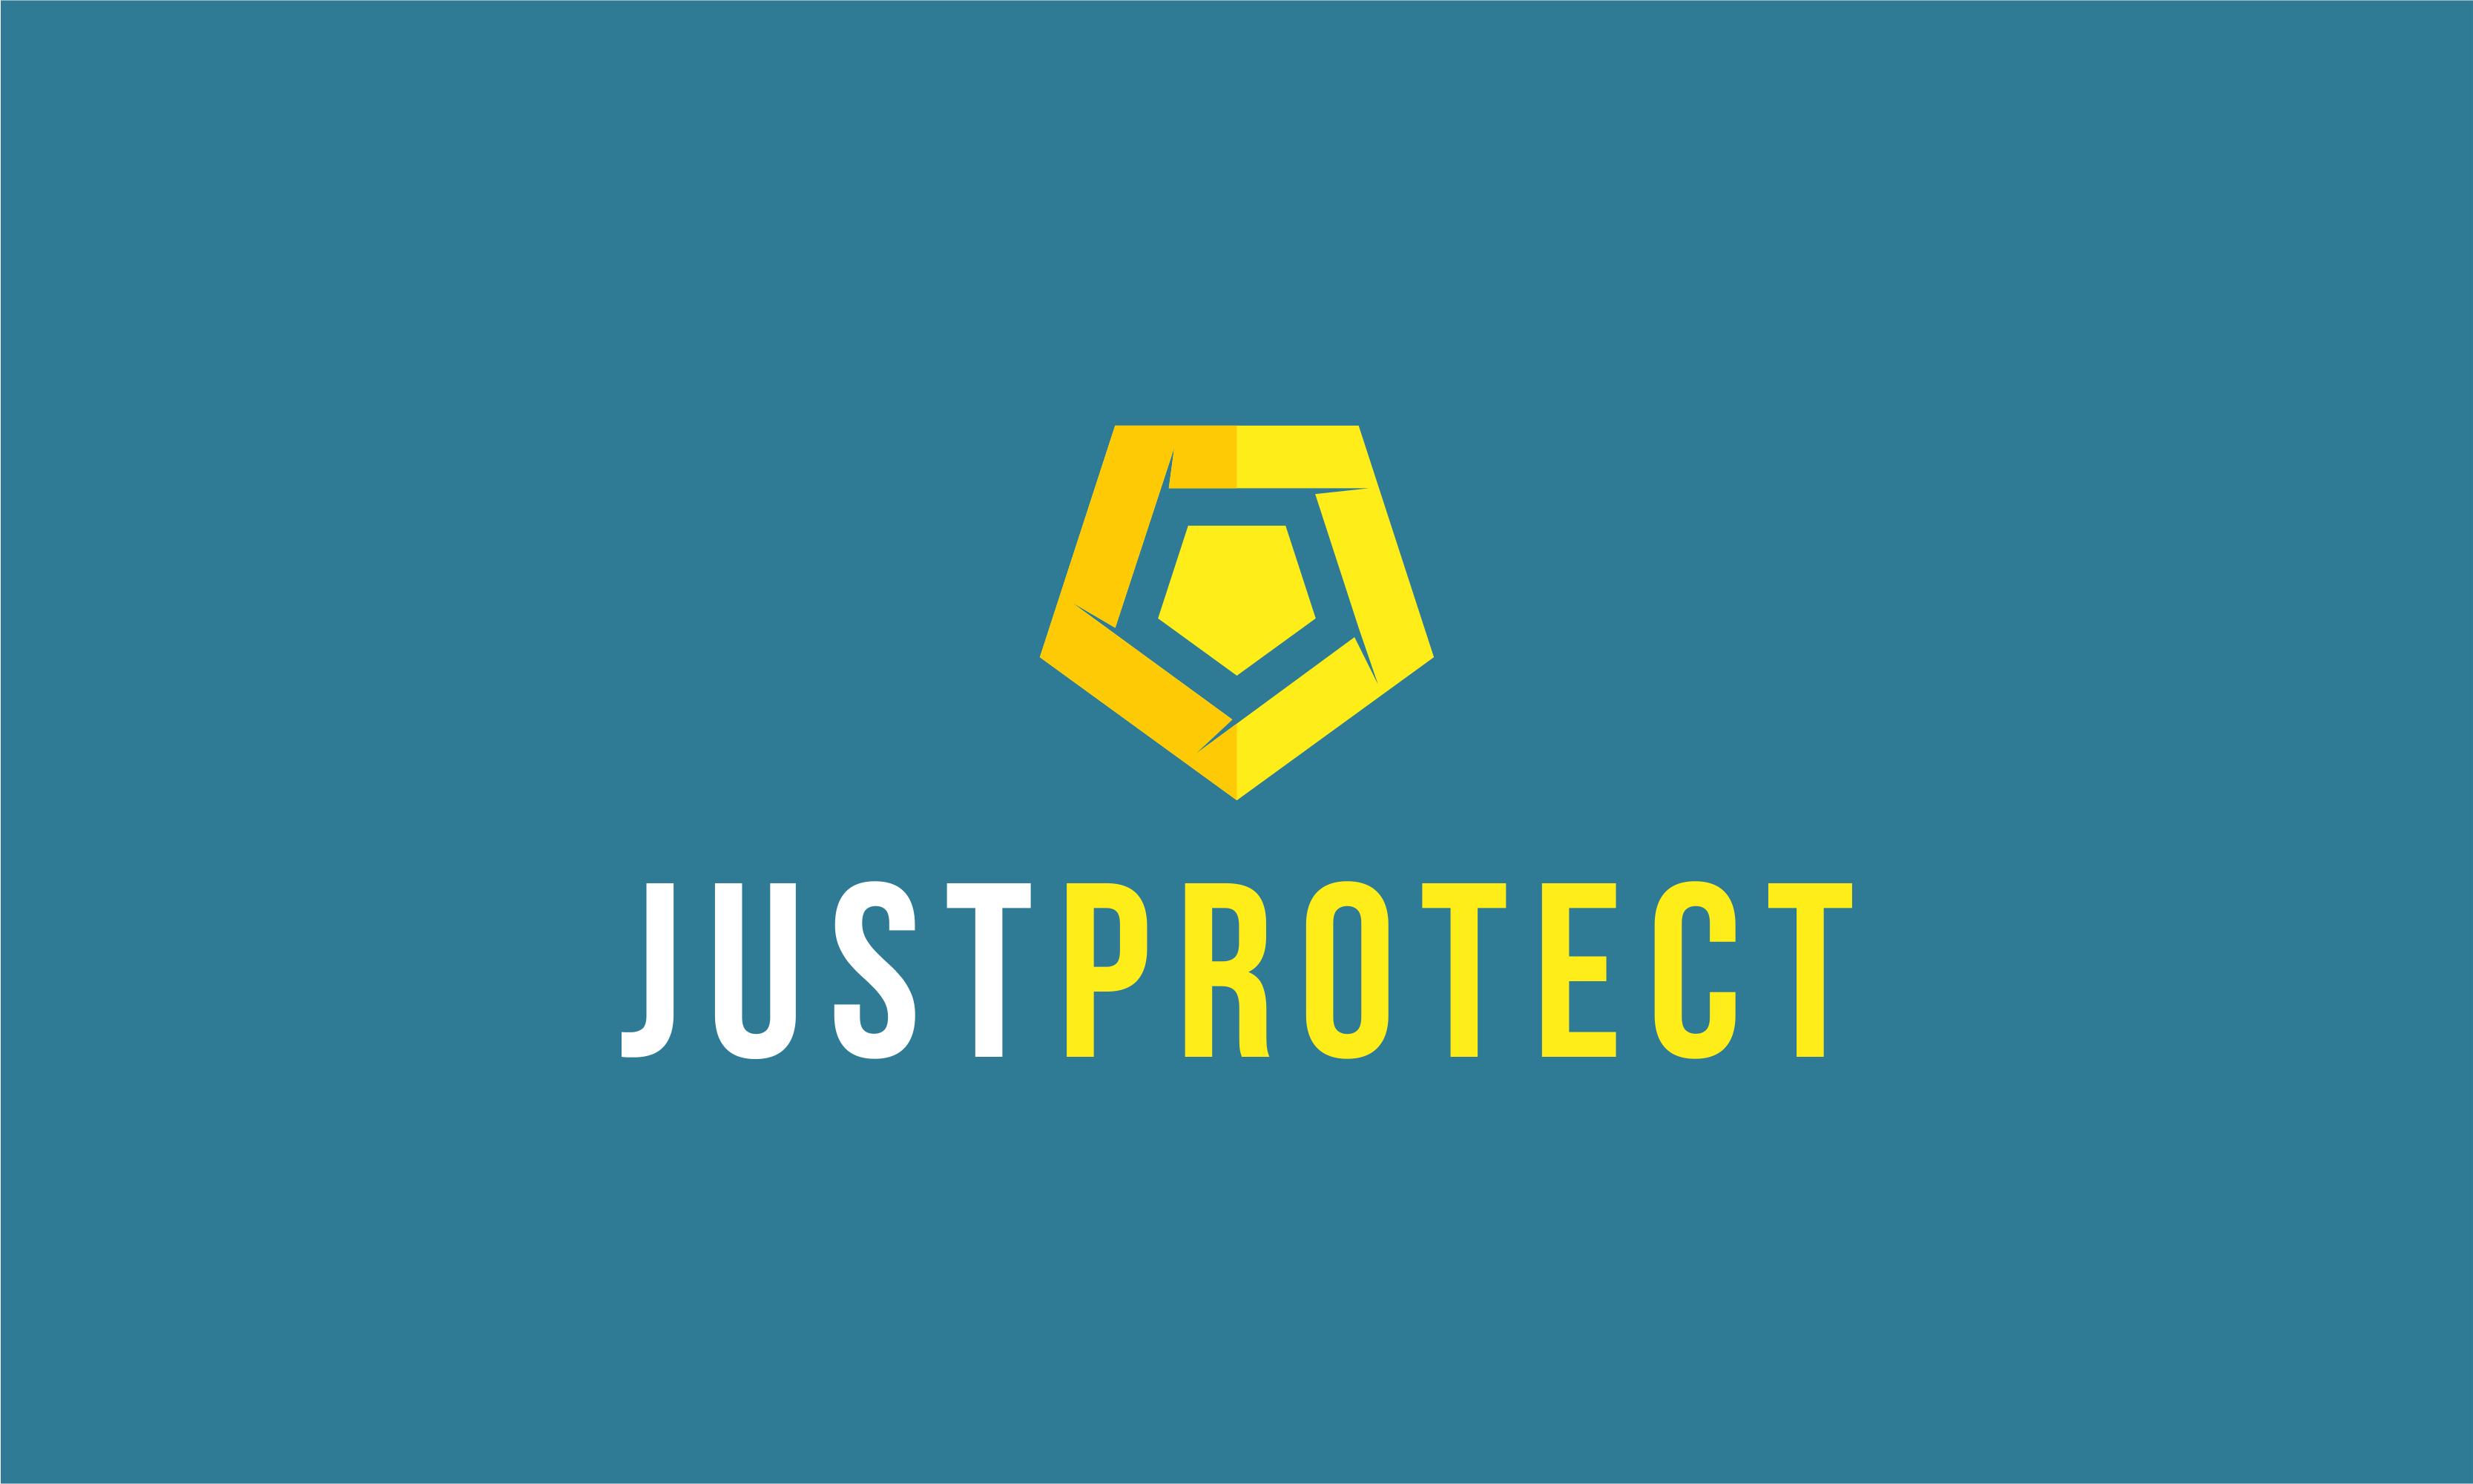 Justprotect